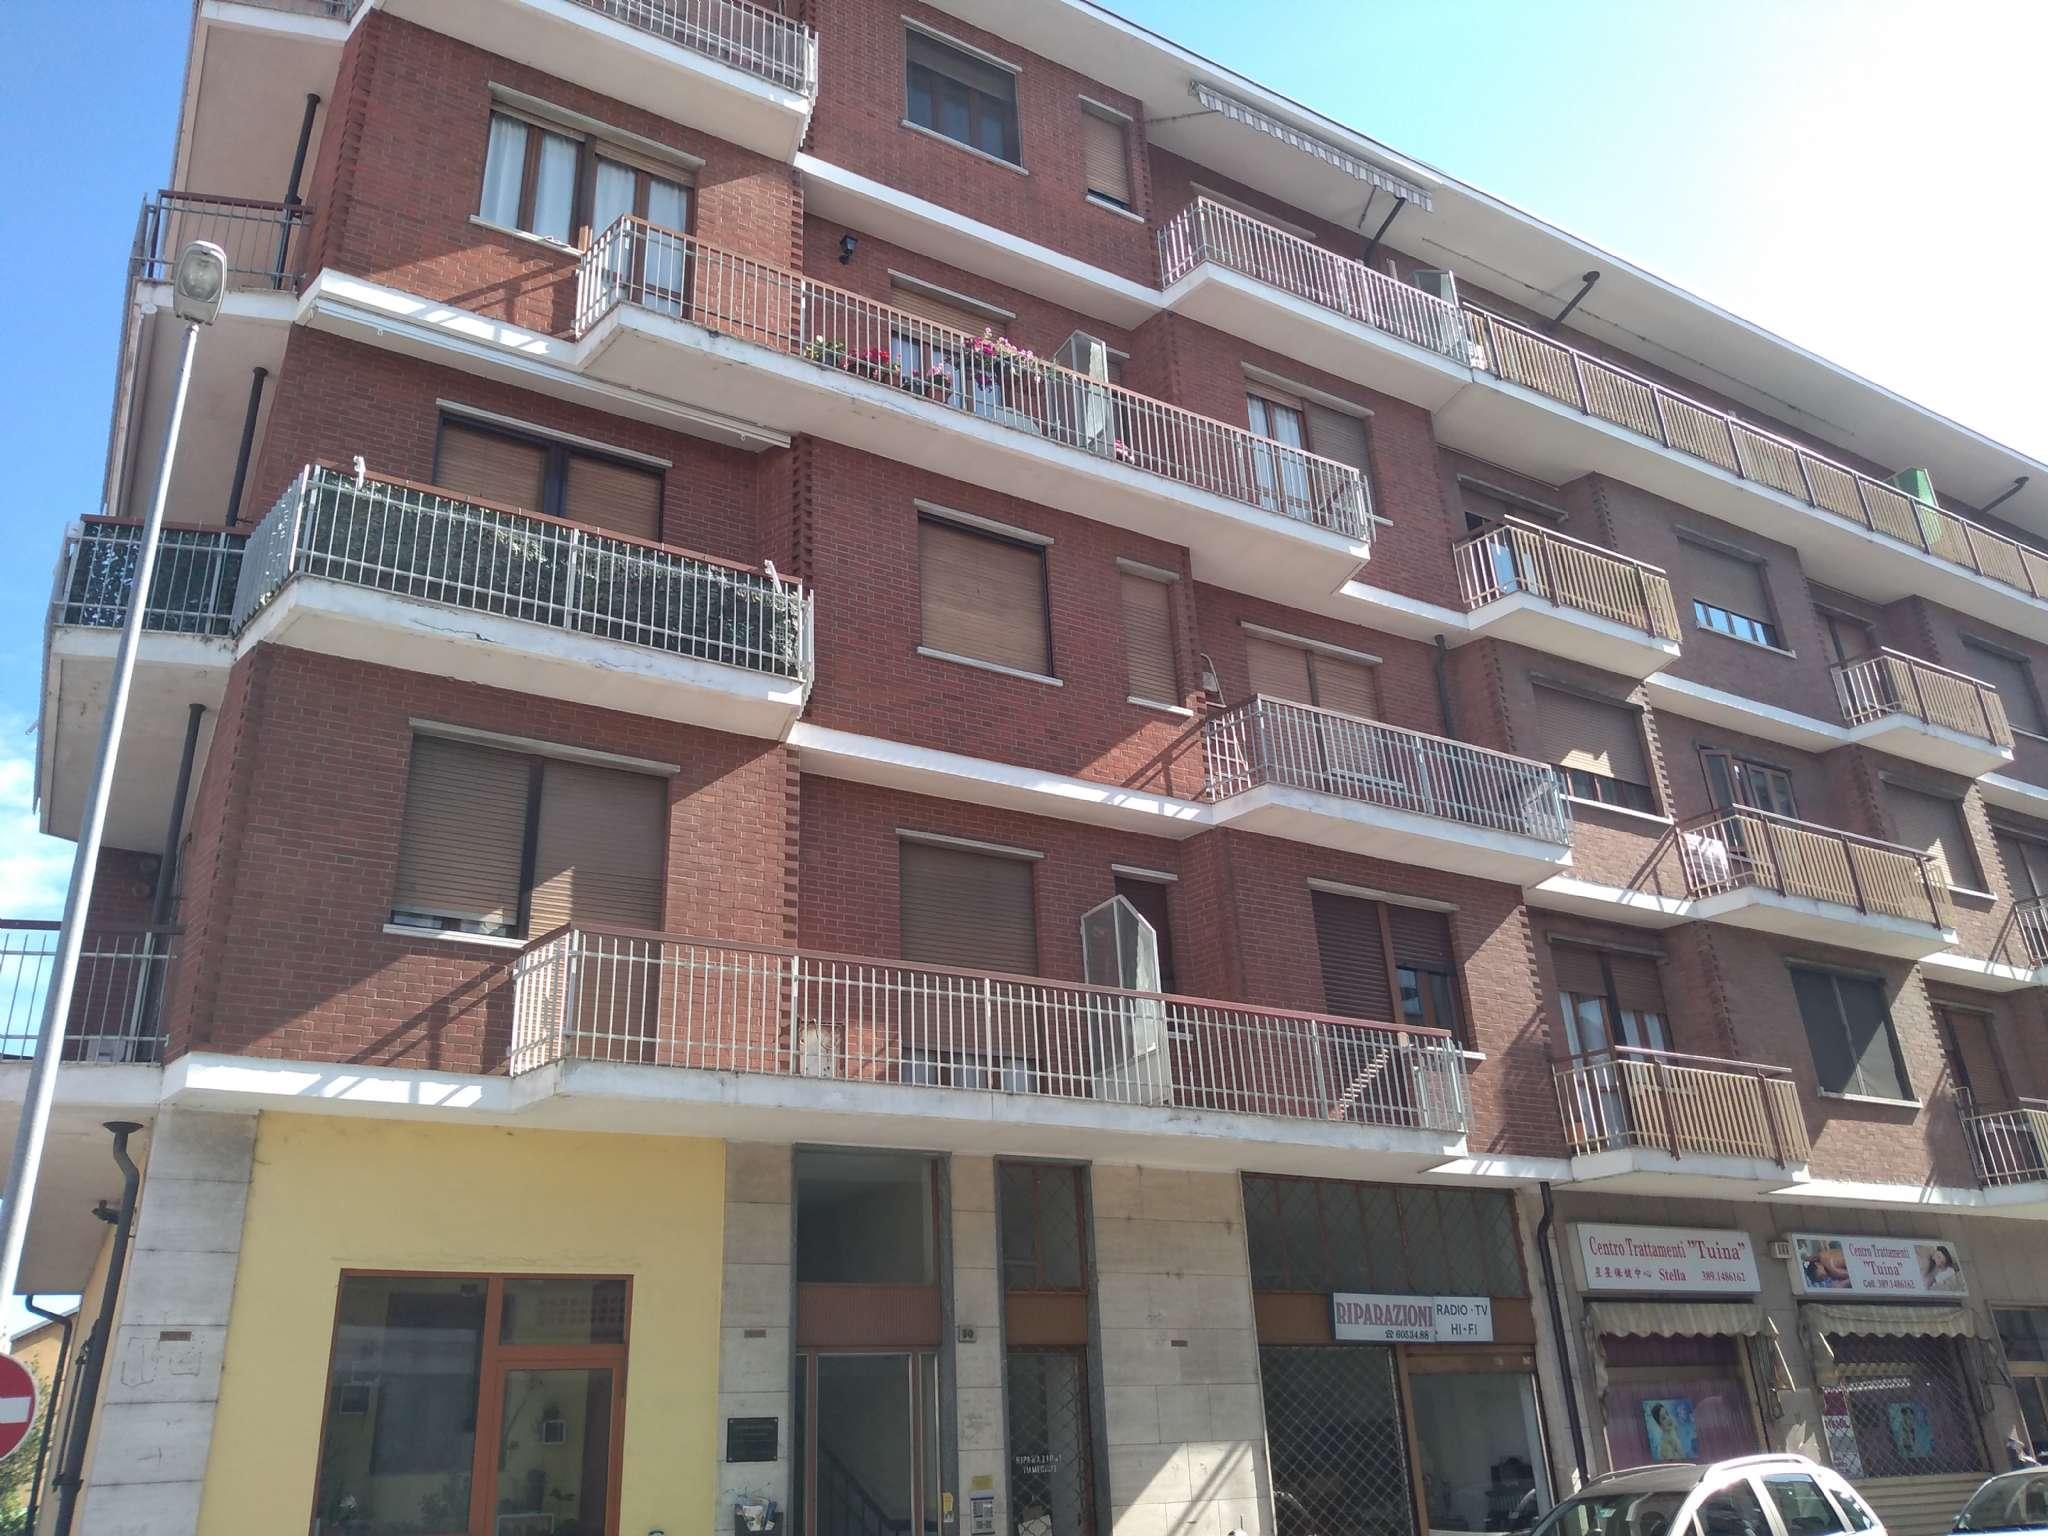 Negozio / Locale in affitto a Nichelino, 2 locali, prezzo € 600 | PortaleAgenzieImmobiliari.it